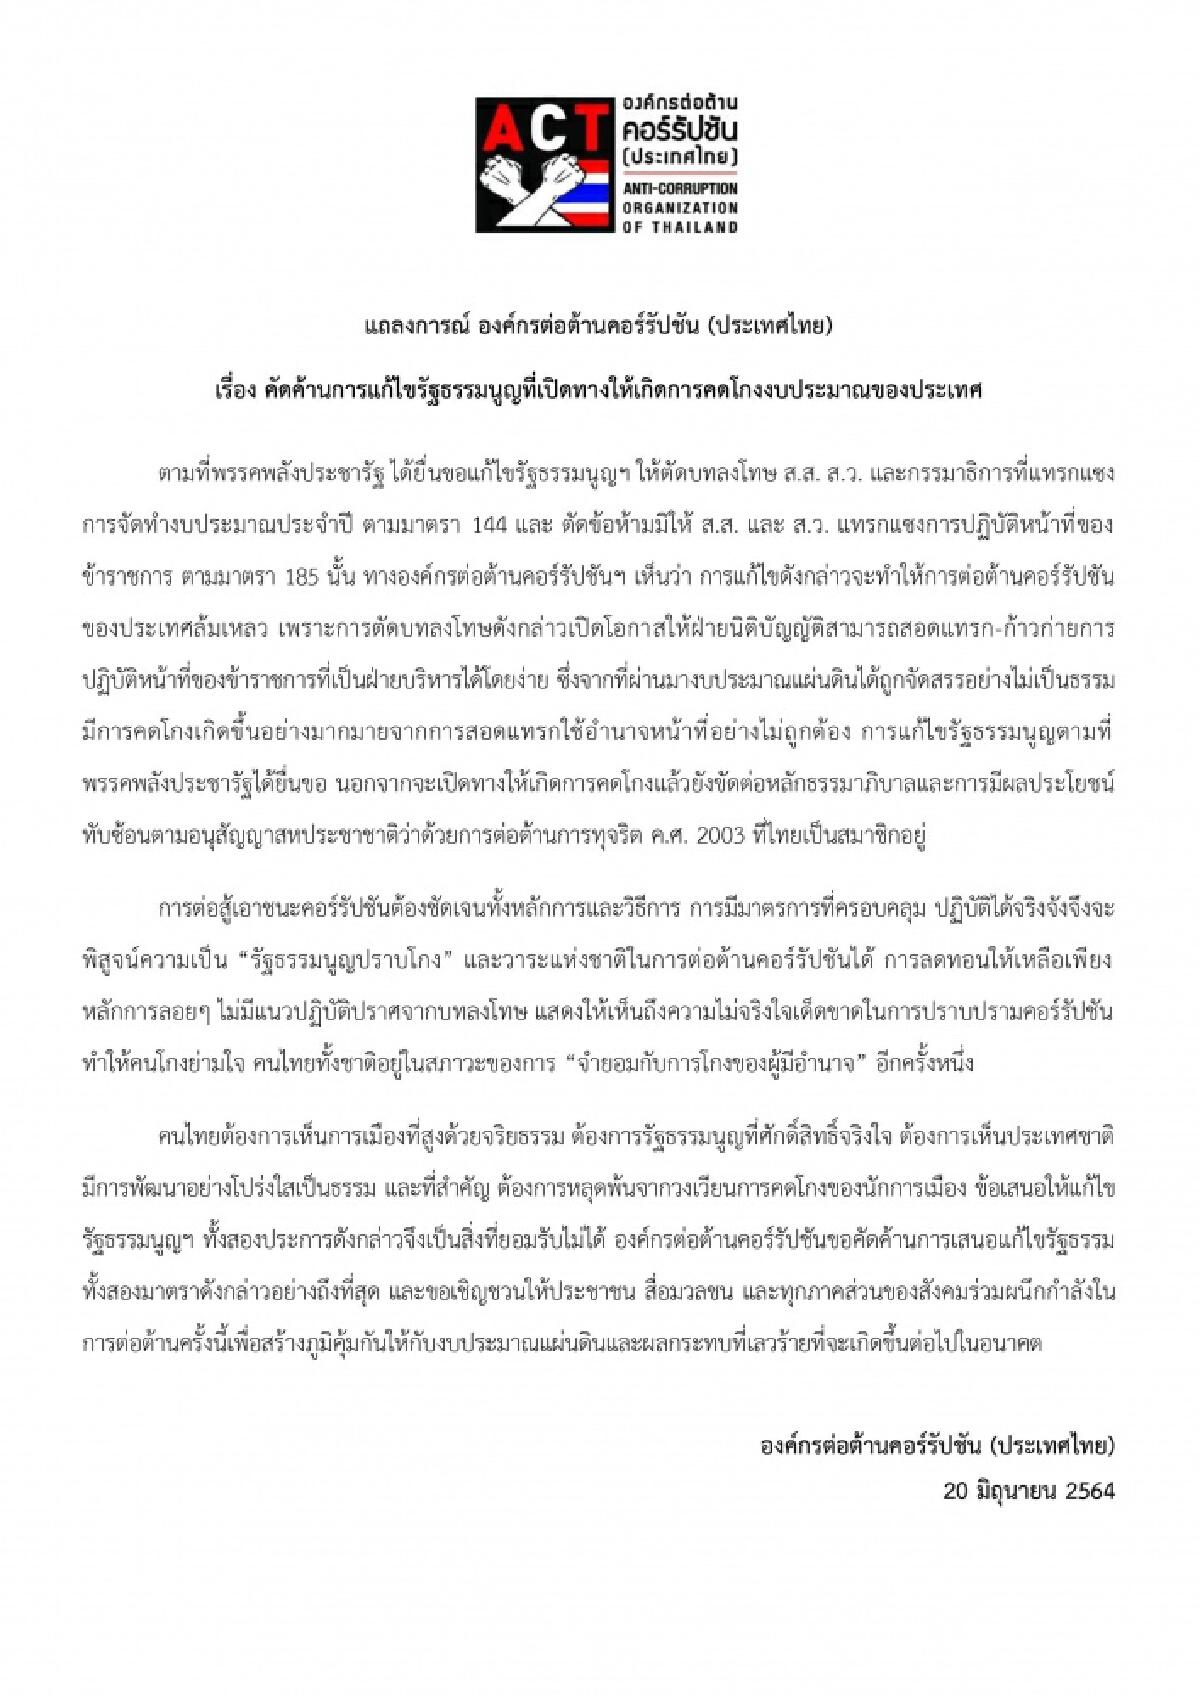 ACT คัดค้านการแก้ไขรัฐธรรมนูญที่เปิดทางให้เกิดการคดโกงงบประมาณของประเทศ